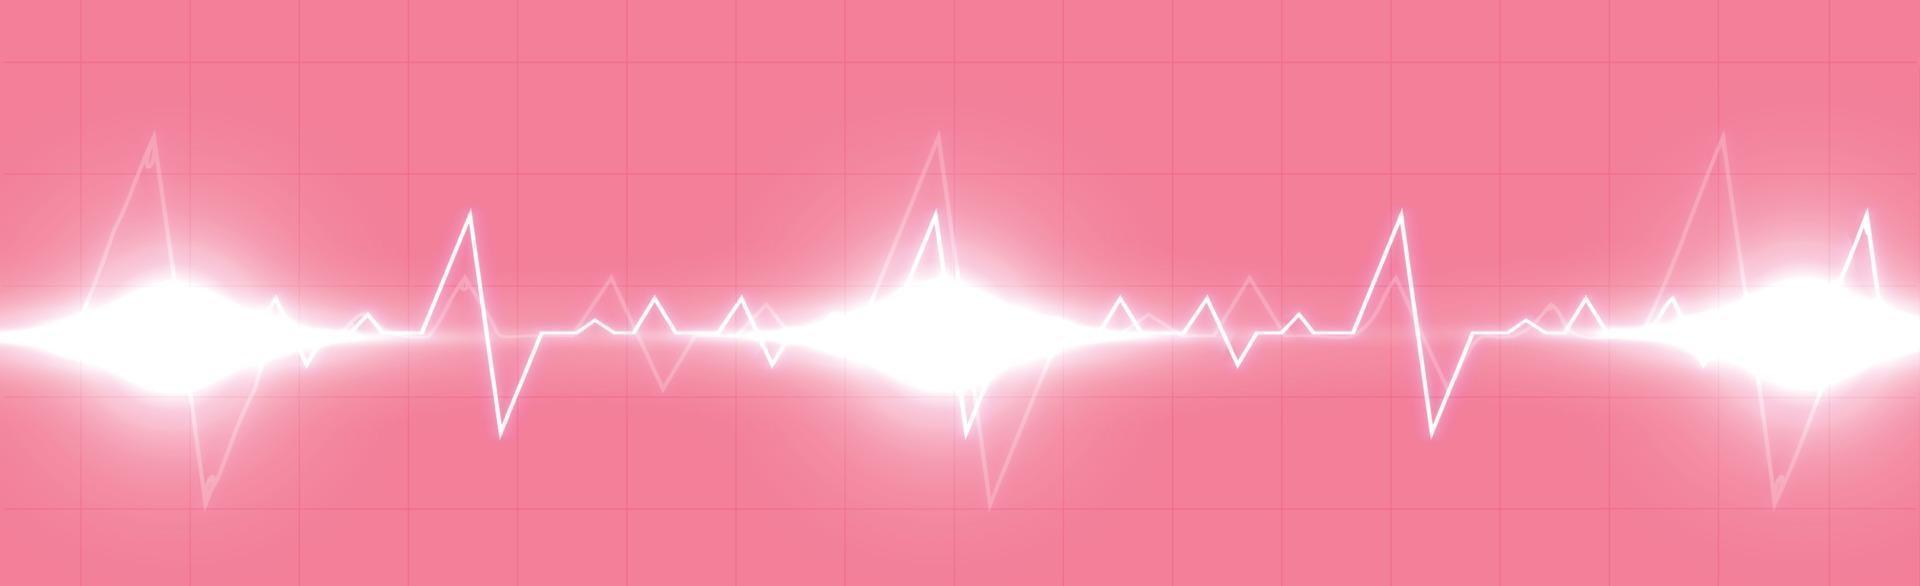 hjärtpuls - böjd röd linje på en röd-svart bakgrund vektor